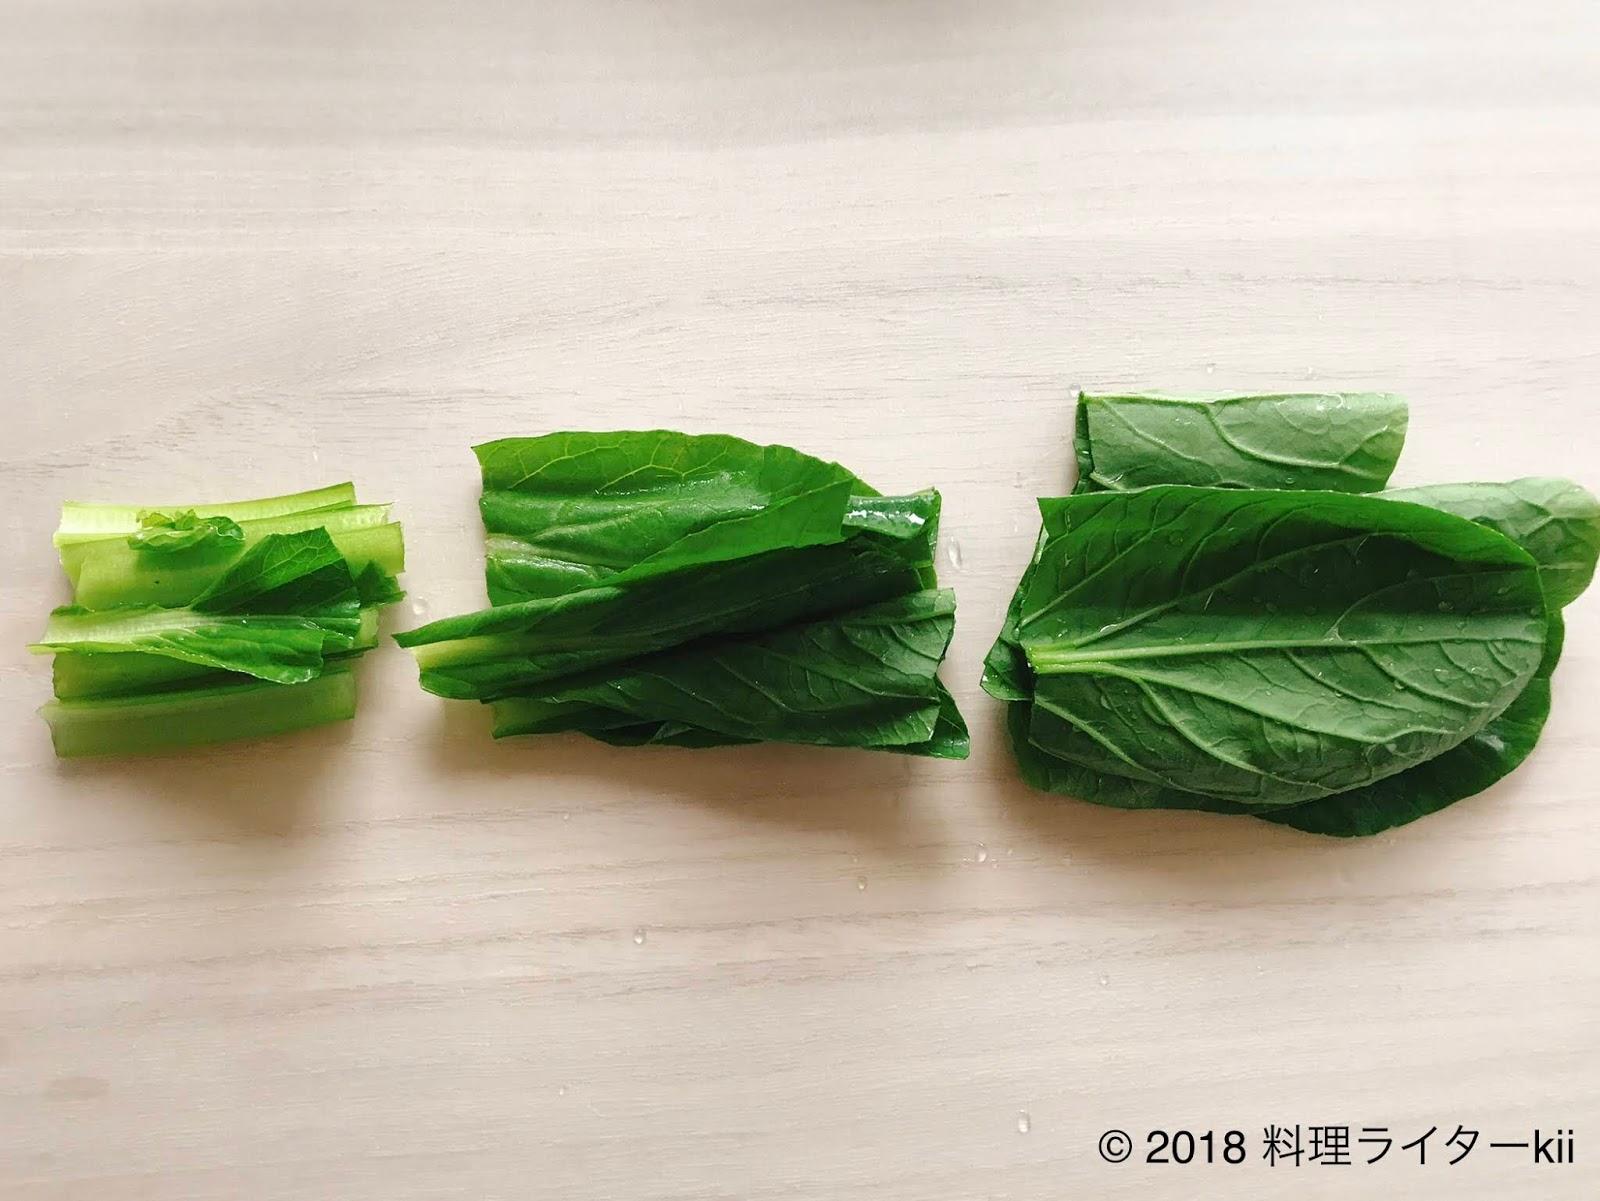 小松菜 レシピ 人気 1位